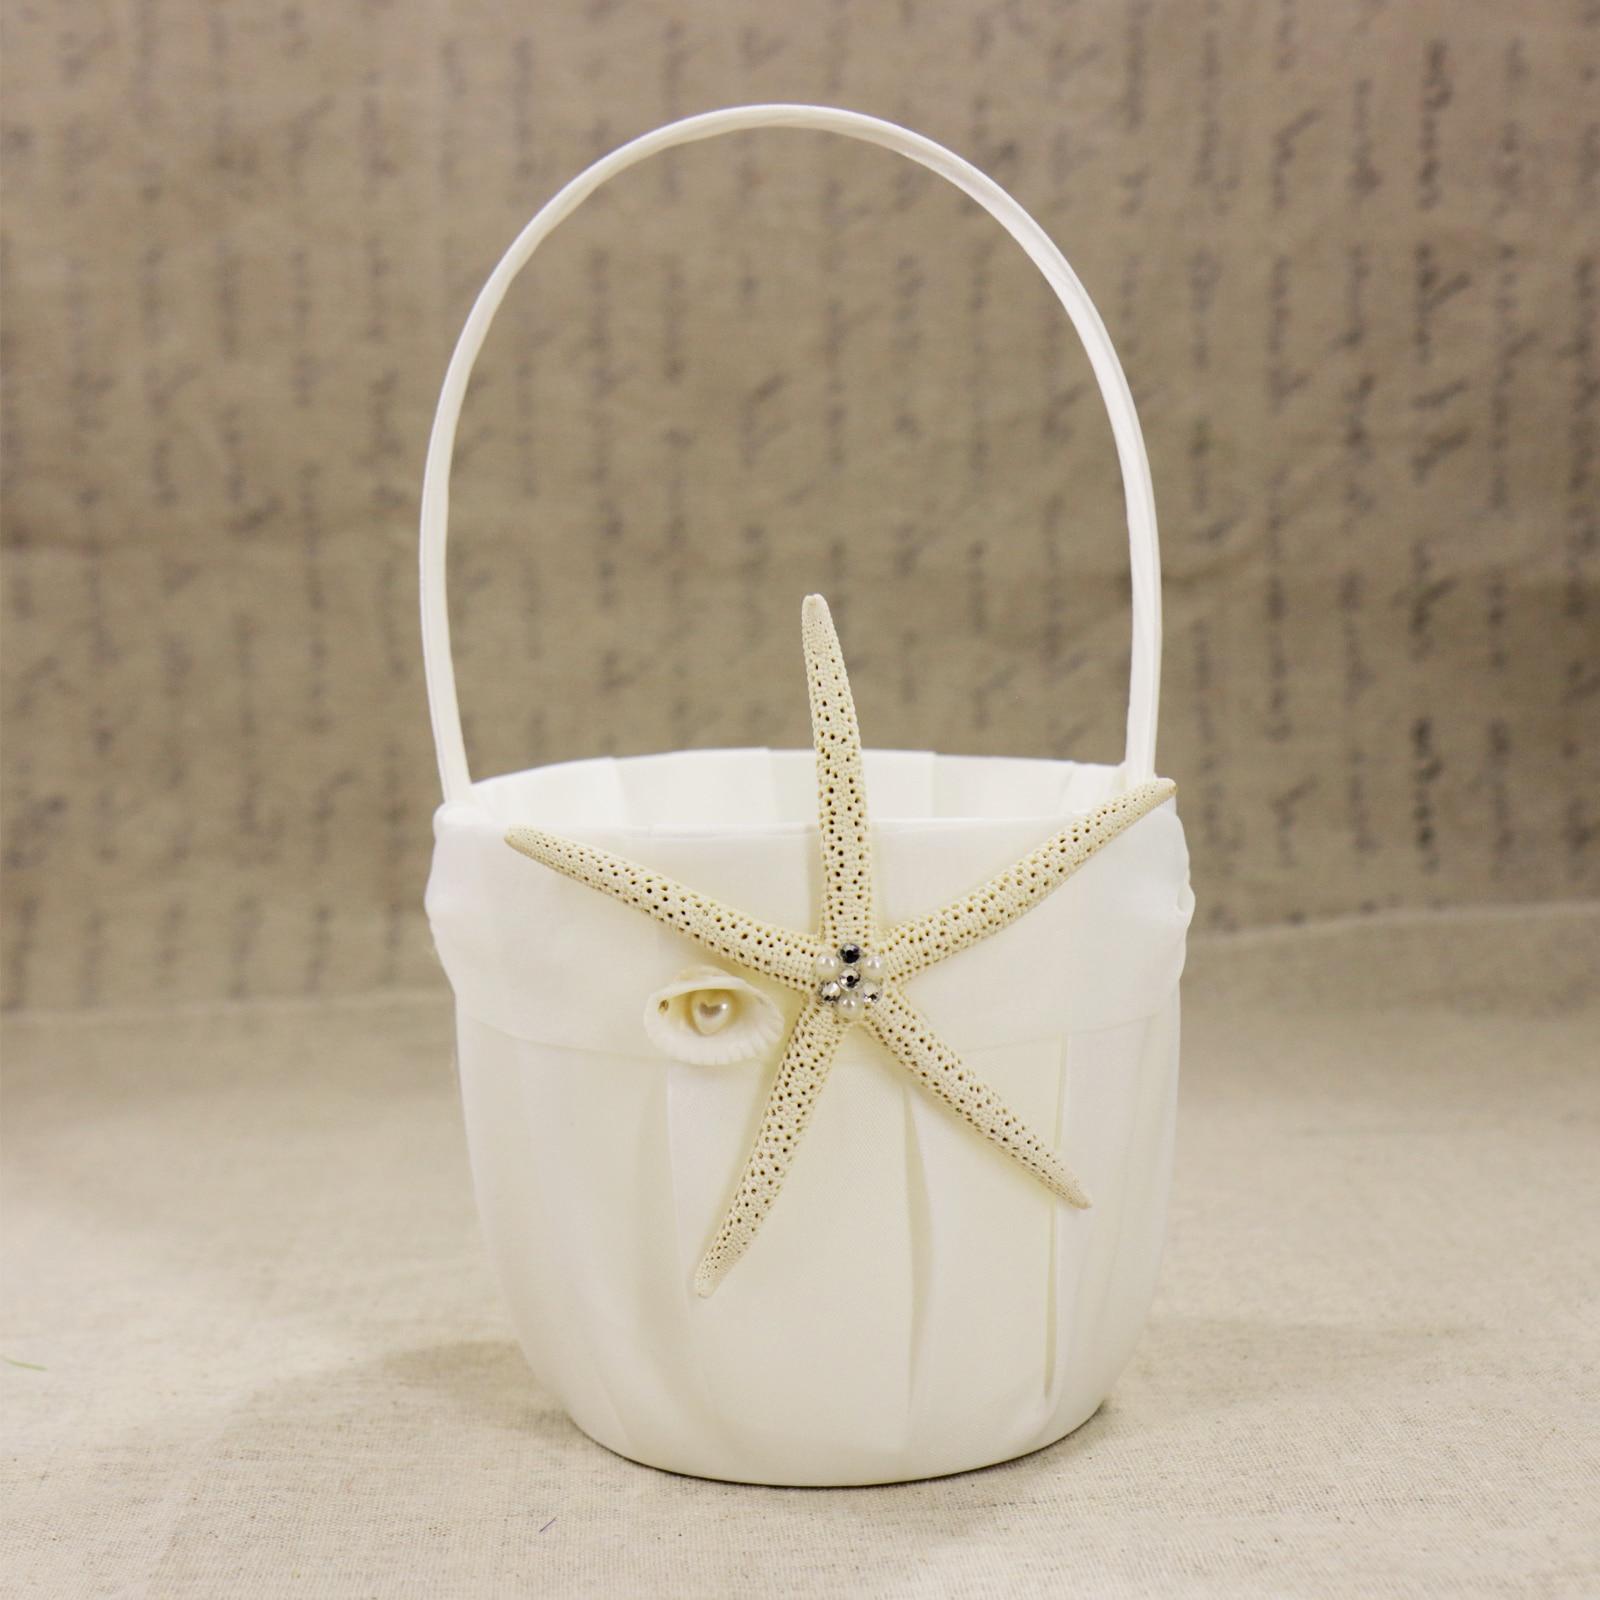 Nuptiale douche étoile de mer fleur panier blanc tache poire anneau oreiller de mariage fête décoration invité livre ensemble accessoires de mariée - 4